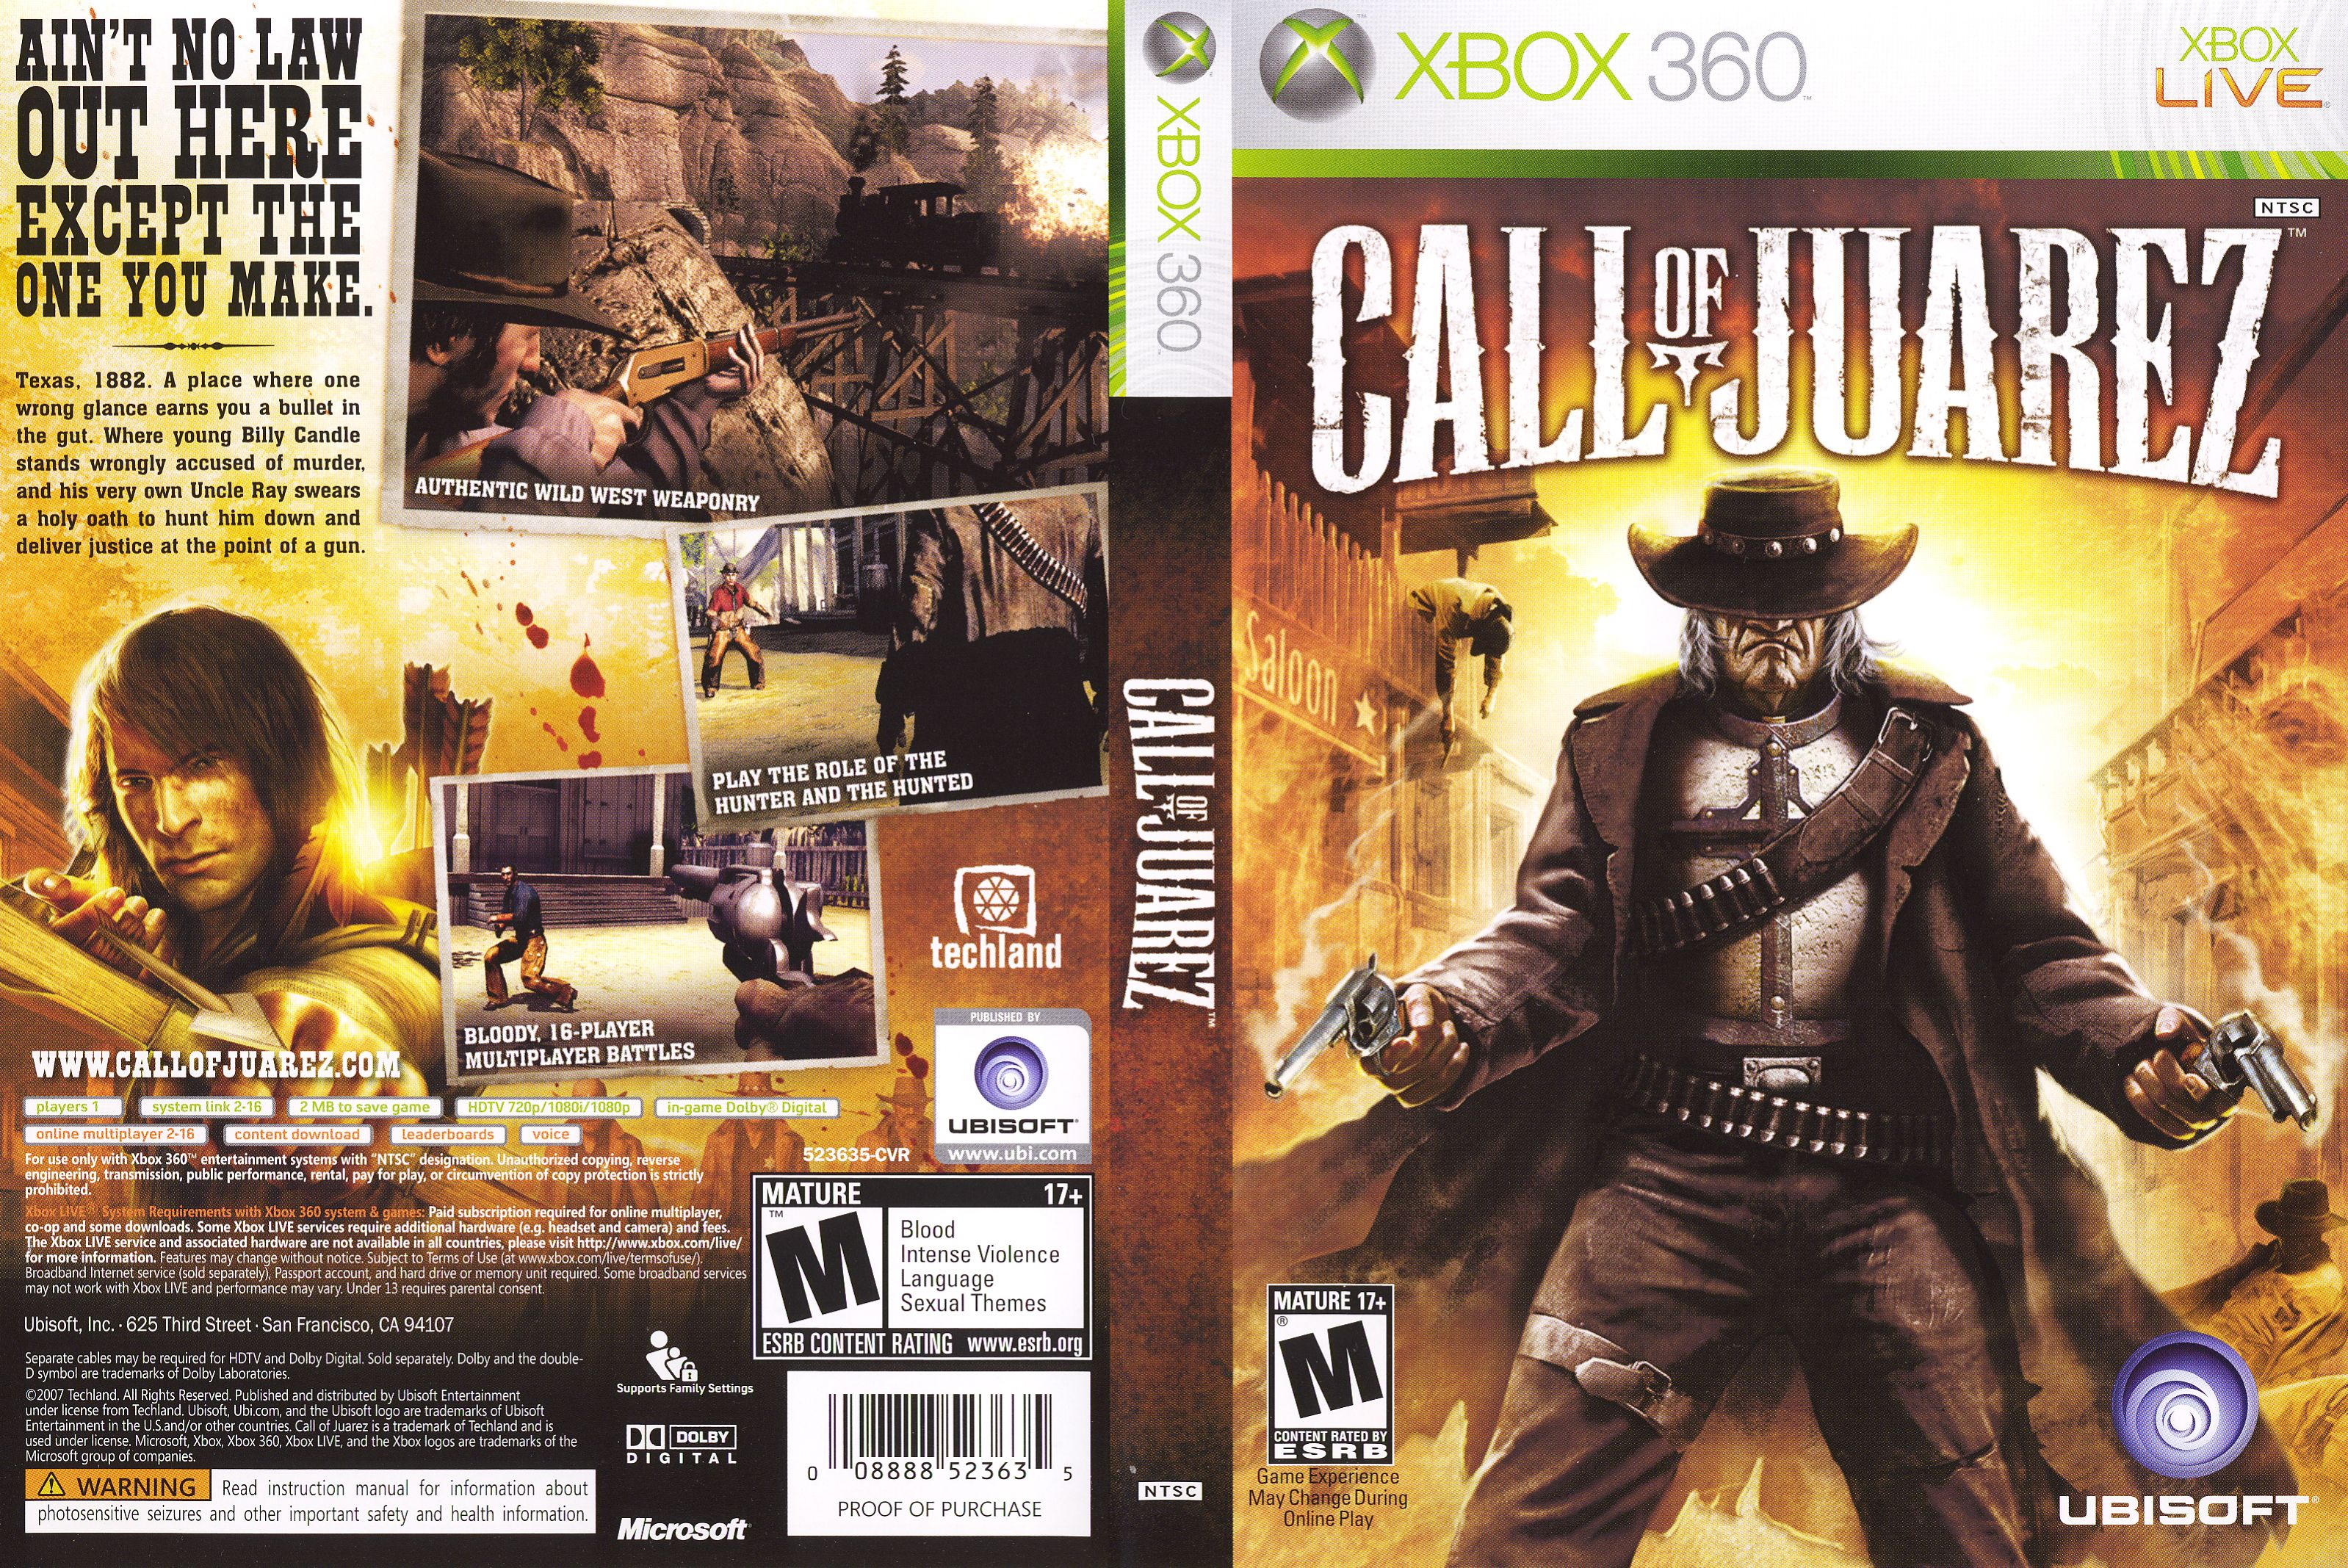 Call of Juarez Juarez, Xbox live, Comic book cover